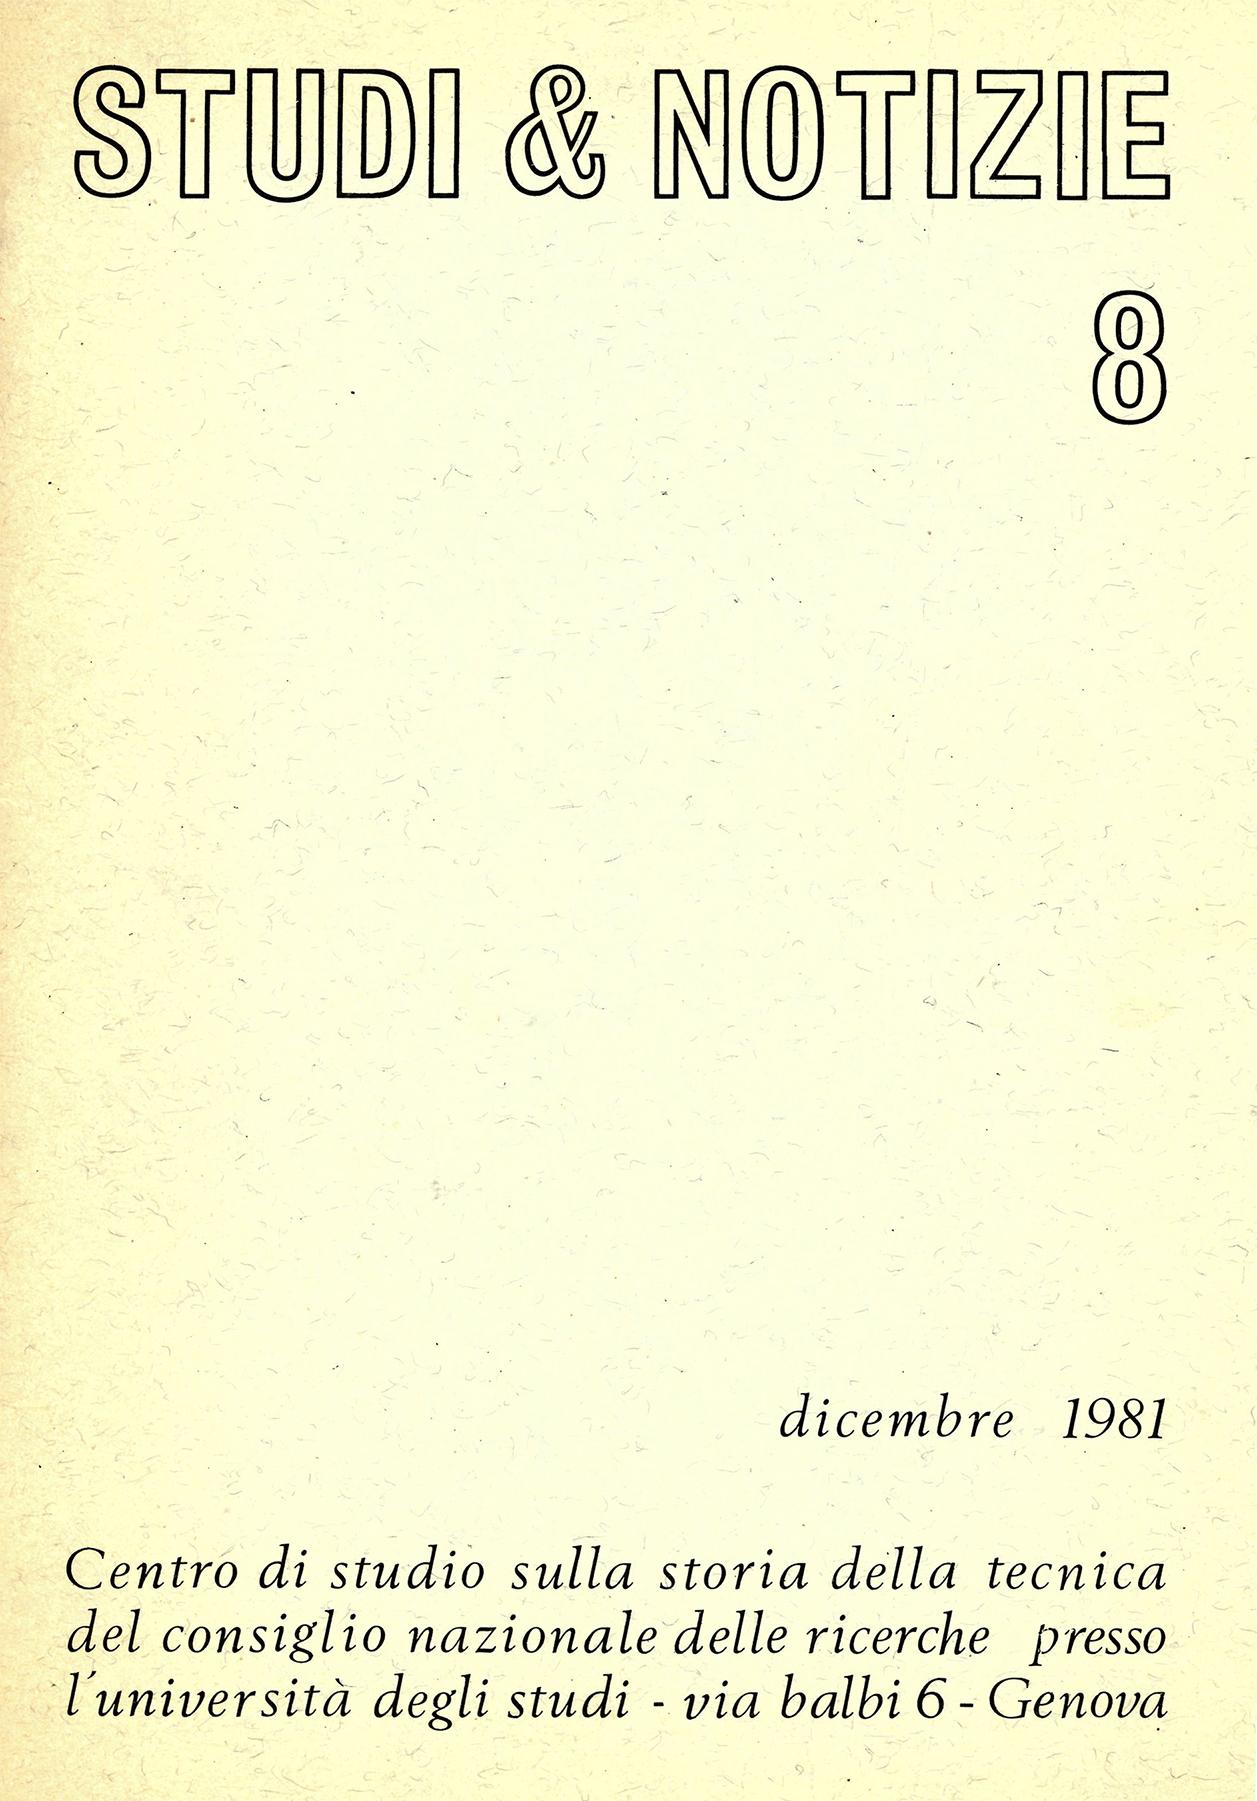 Studi e notizie n°8, Dicembre 1981